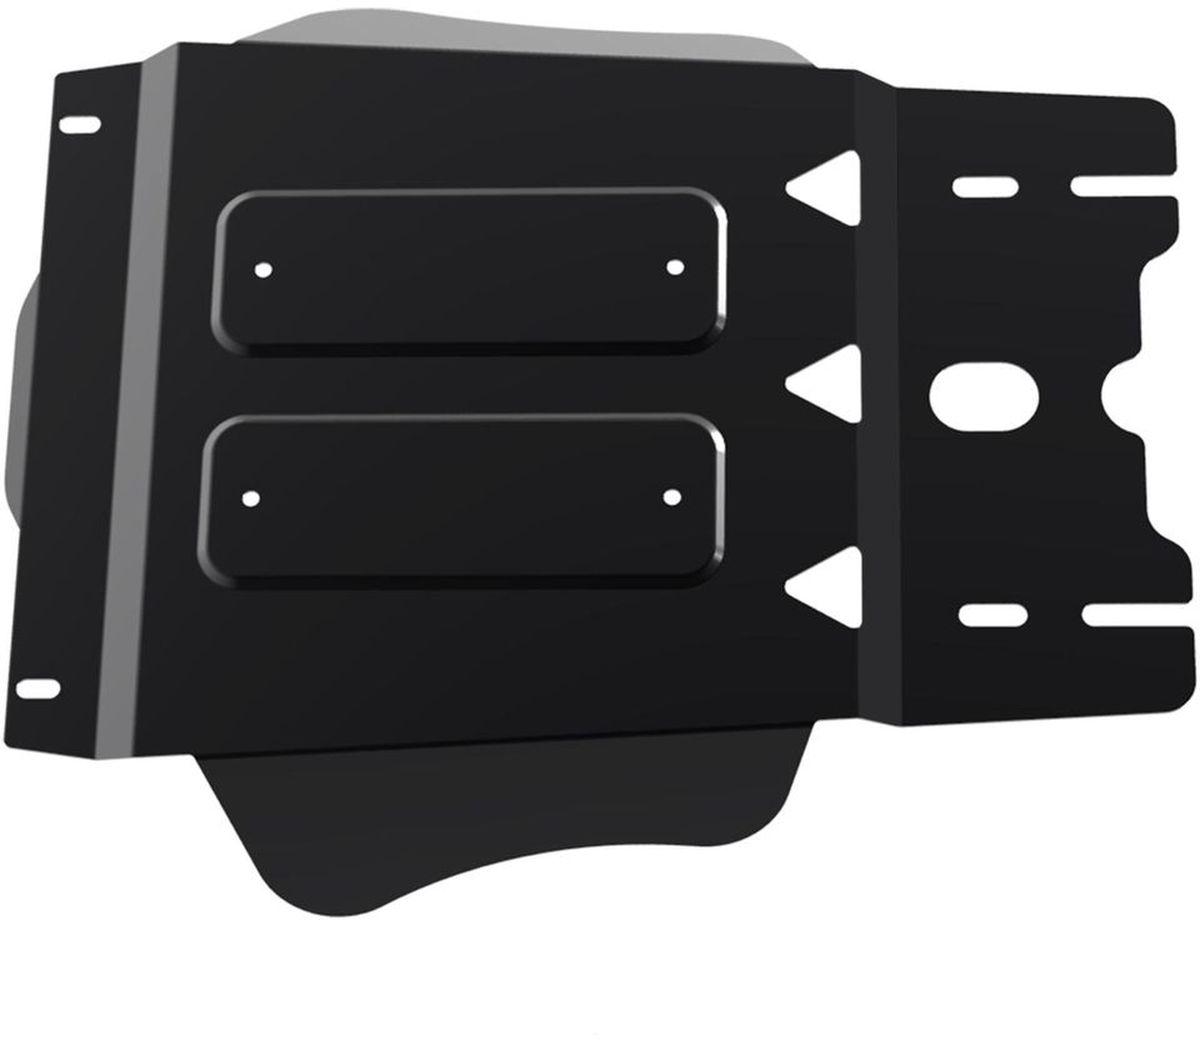 Защита КПП Автоброня, для Kia Mohave, V - все (2009-)111.02815.1Технологически совершенный продукт за невысокую стоимость. Защита разработана с учетом особенностей днища автомобиля, что позволяет сохранить дорожный просвет с минимальным изменением. Защита устанавливается в штатные места кузова автомобиля. Глубокий штамп обеспечивает до двух раз больше жесткости в сравнении с обычной защитой той же толщины. Проштампованные ребра жесткости препятствуют деформации защиты при ударах. Тепловой зазор и вентиляционные отверстия обеспечивают сохранение температурного режима двигателя в норме. Скрытый крепеж предотвращает срыв крепежных элементов при наезде на препятствие. Шумопоглощающие резиновые элементы обеспечивают комфортную езду без вибраций и скрежета металла, а съемные лючки для слива масла и замены фильтра - экономию средств и время. Конструкция изделия не влияет на пассивную безопасность автомобиля (при ударе защита не воздействует на деформационные зоны кузова). Со штатным крепежом. В комплекте инструкция по установке....